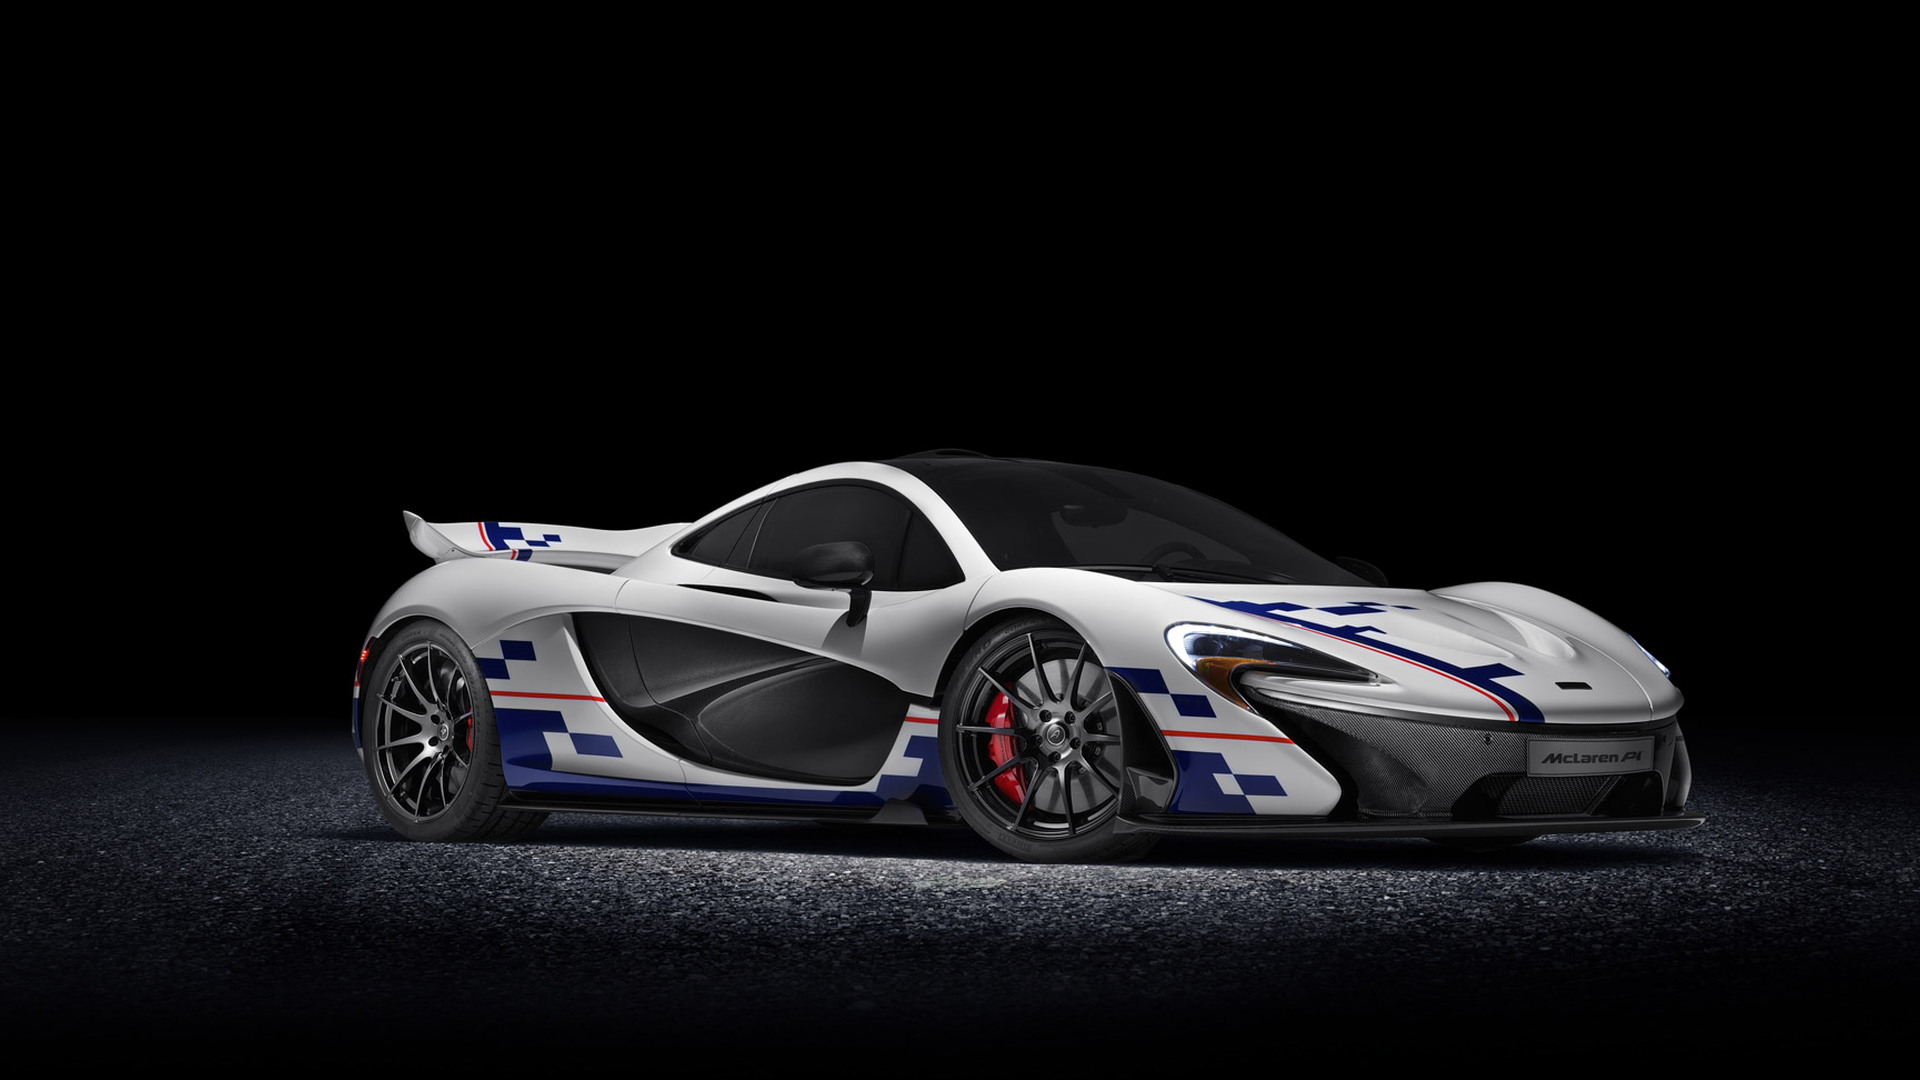 Alain Prost-inspired McLaren P1